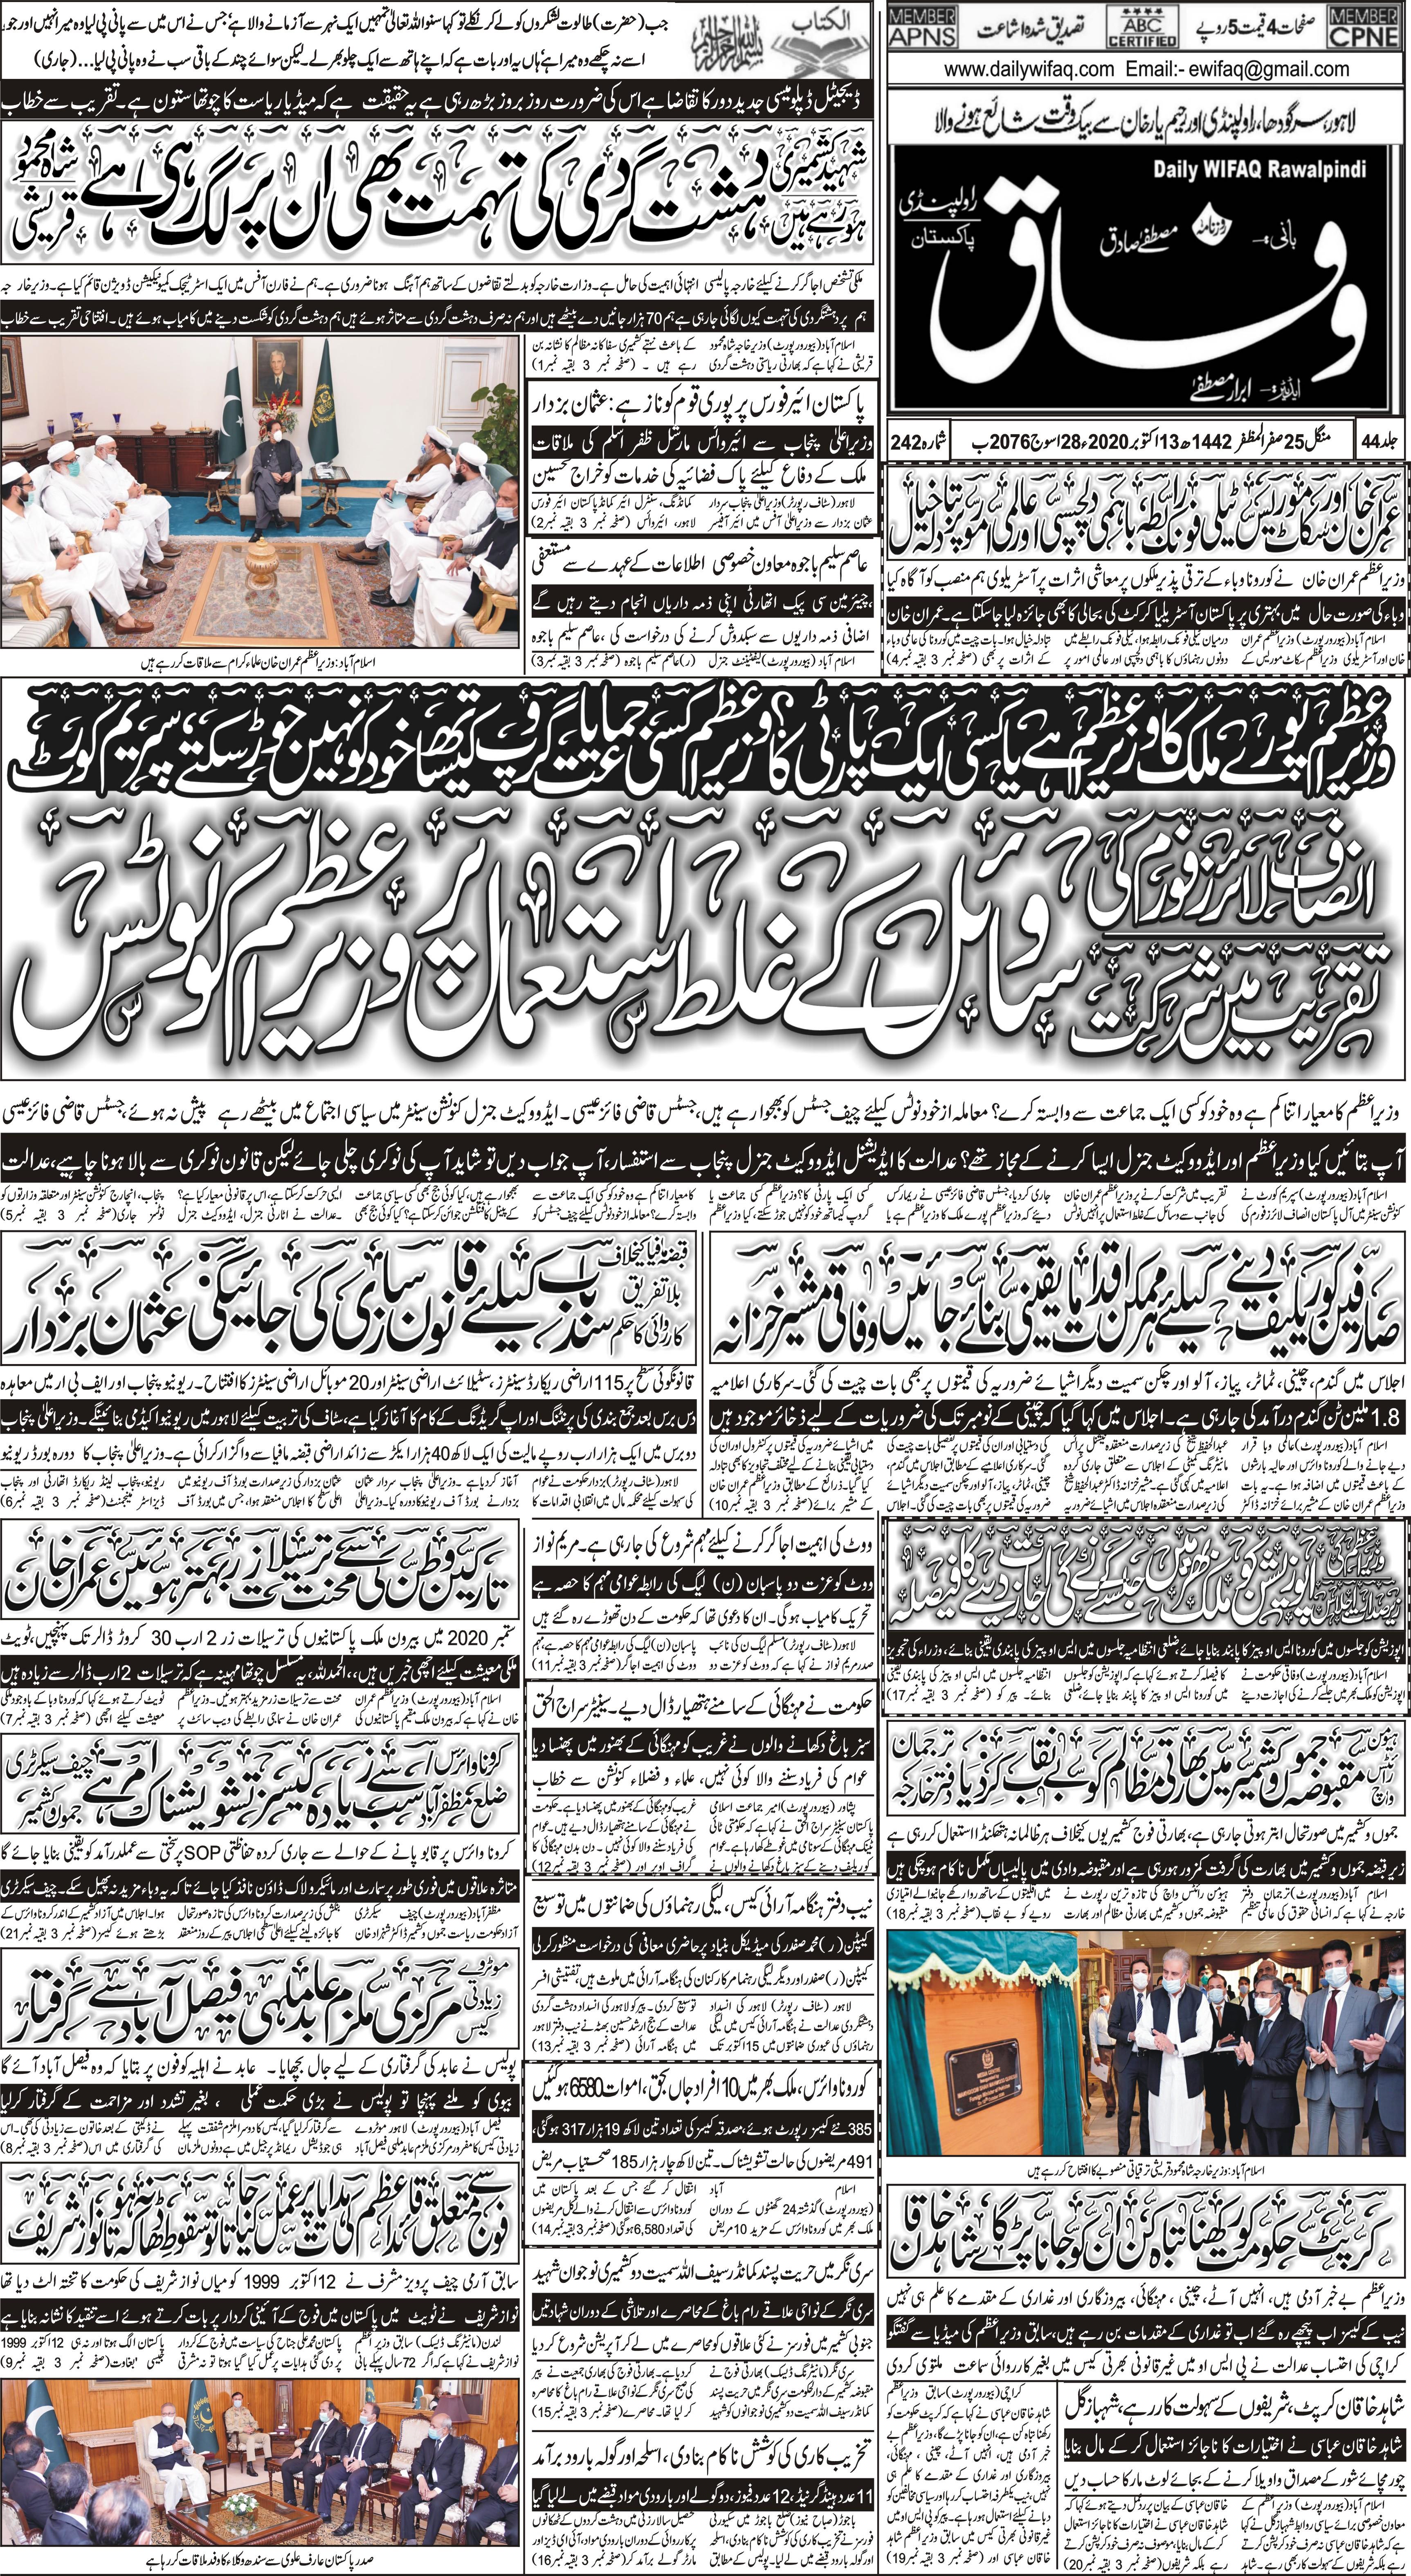 e-Paper – Daily Wifaq – Rawalpindi – 13-10-2020